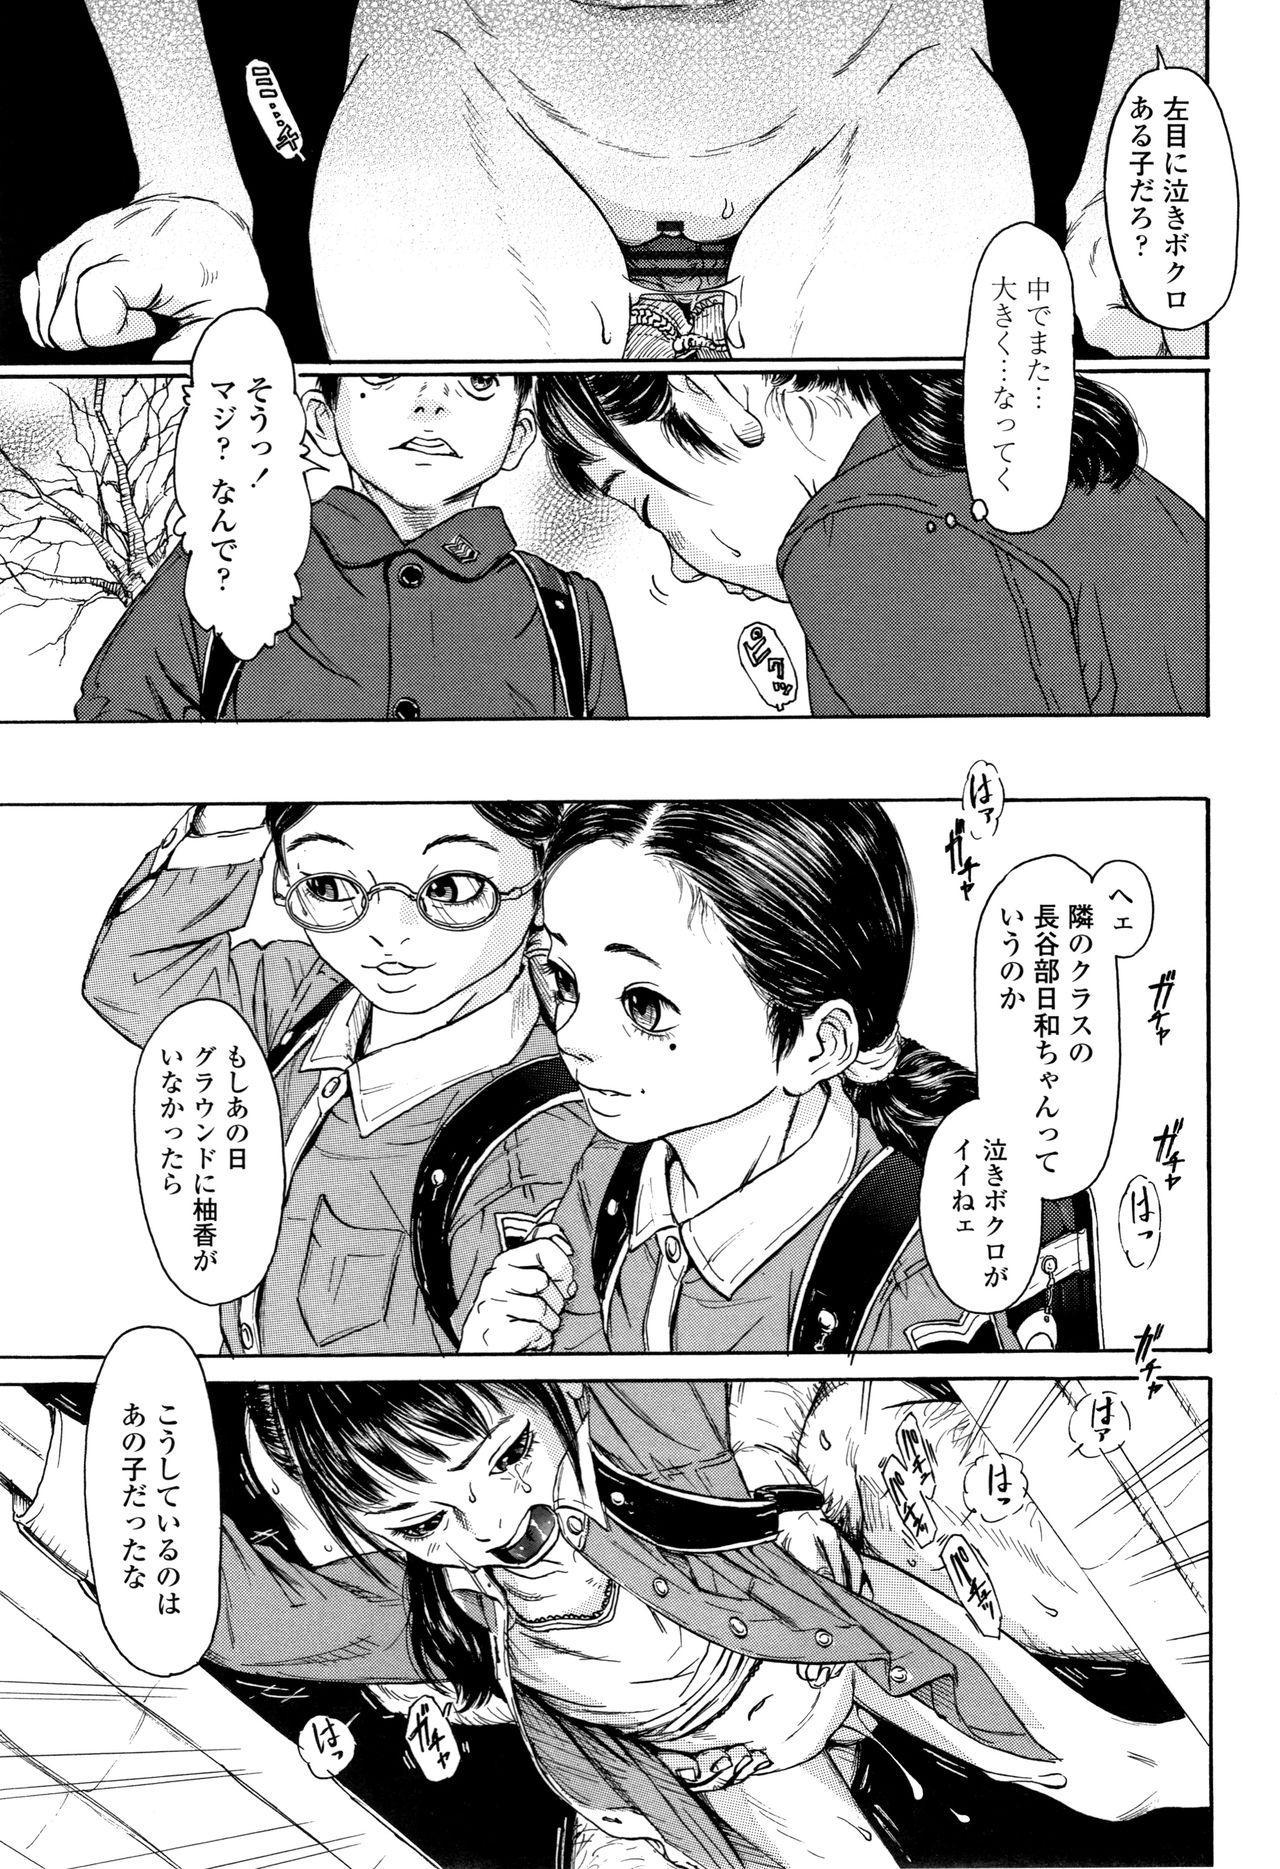 Chiisai Karada ni Shiroi Kage 57